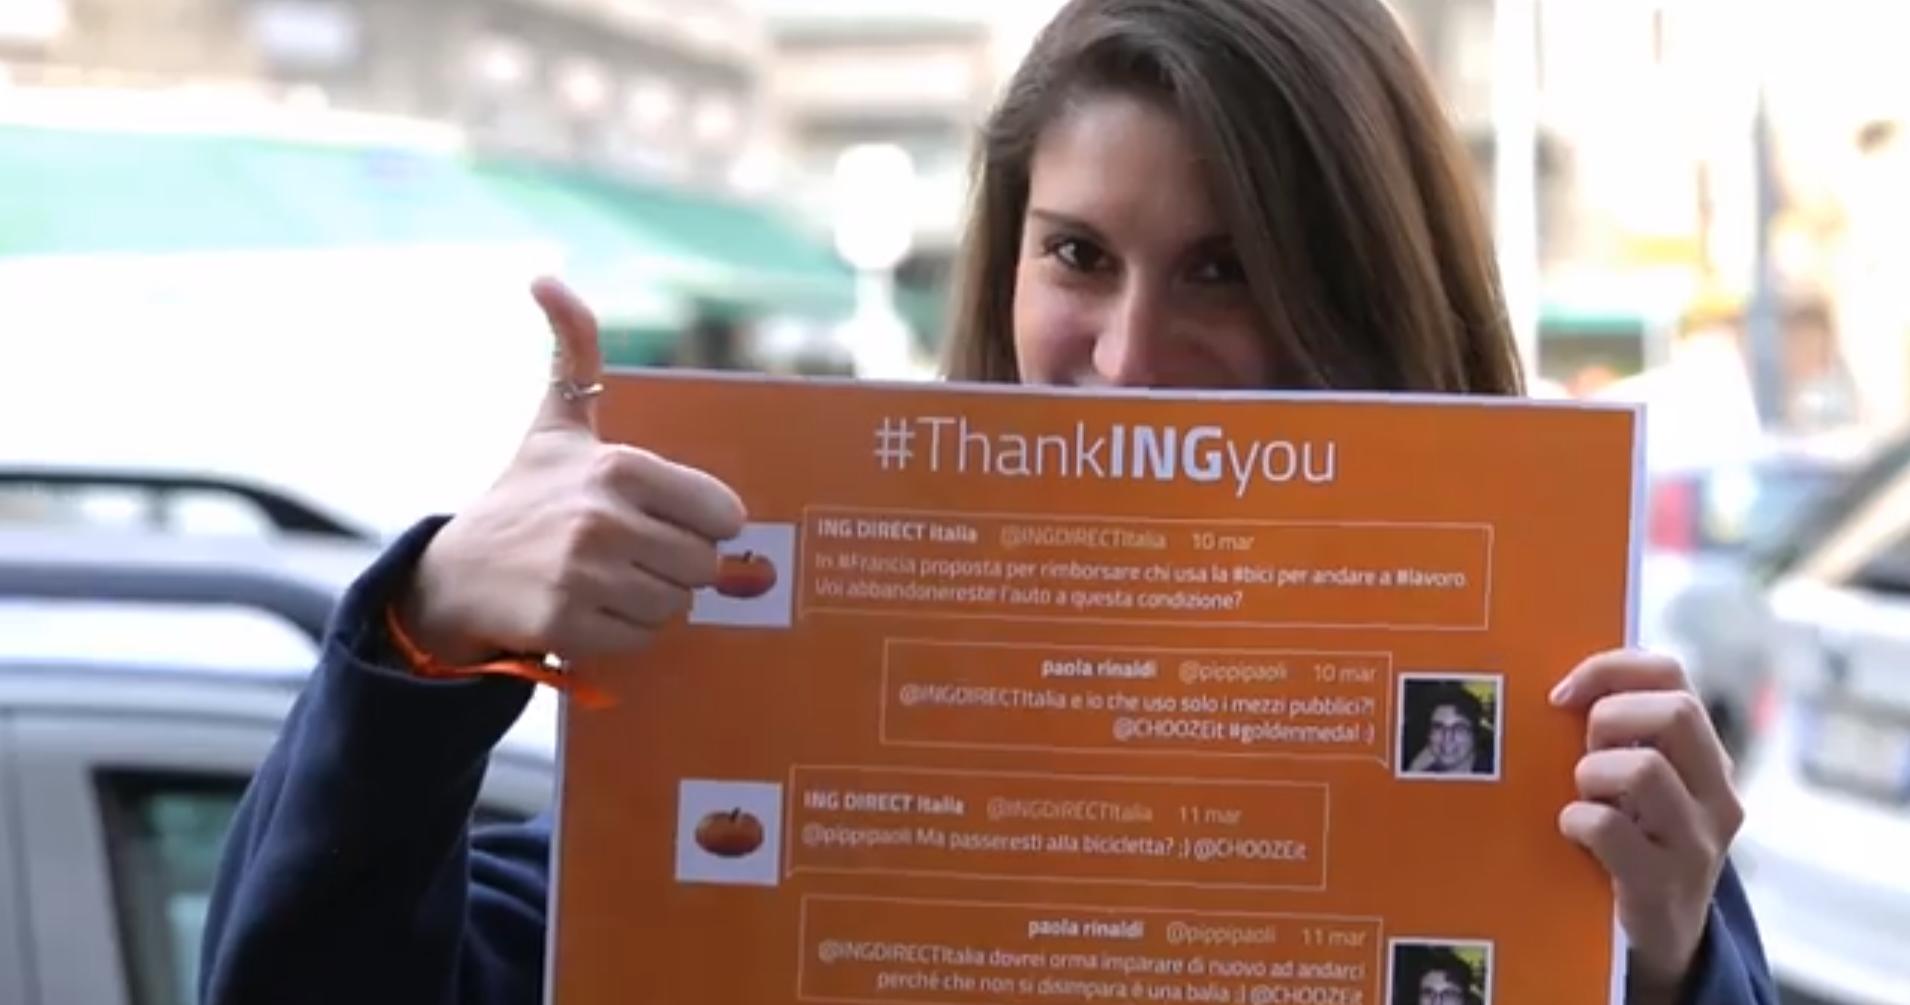 #ThankINGyou